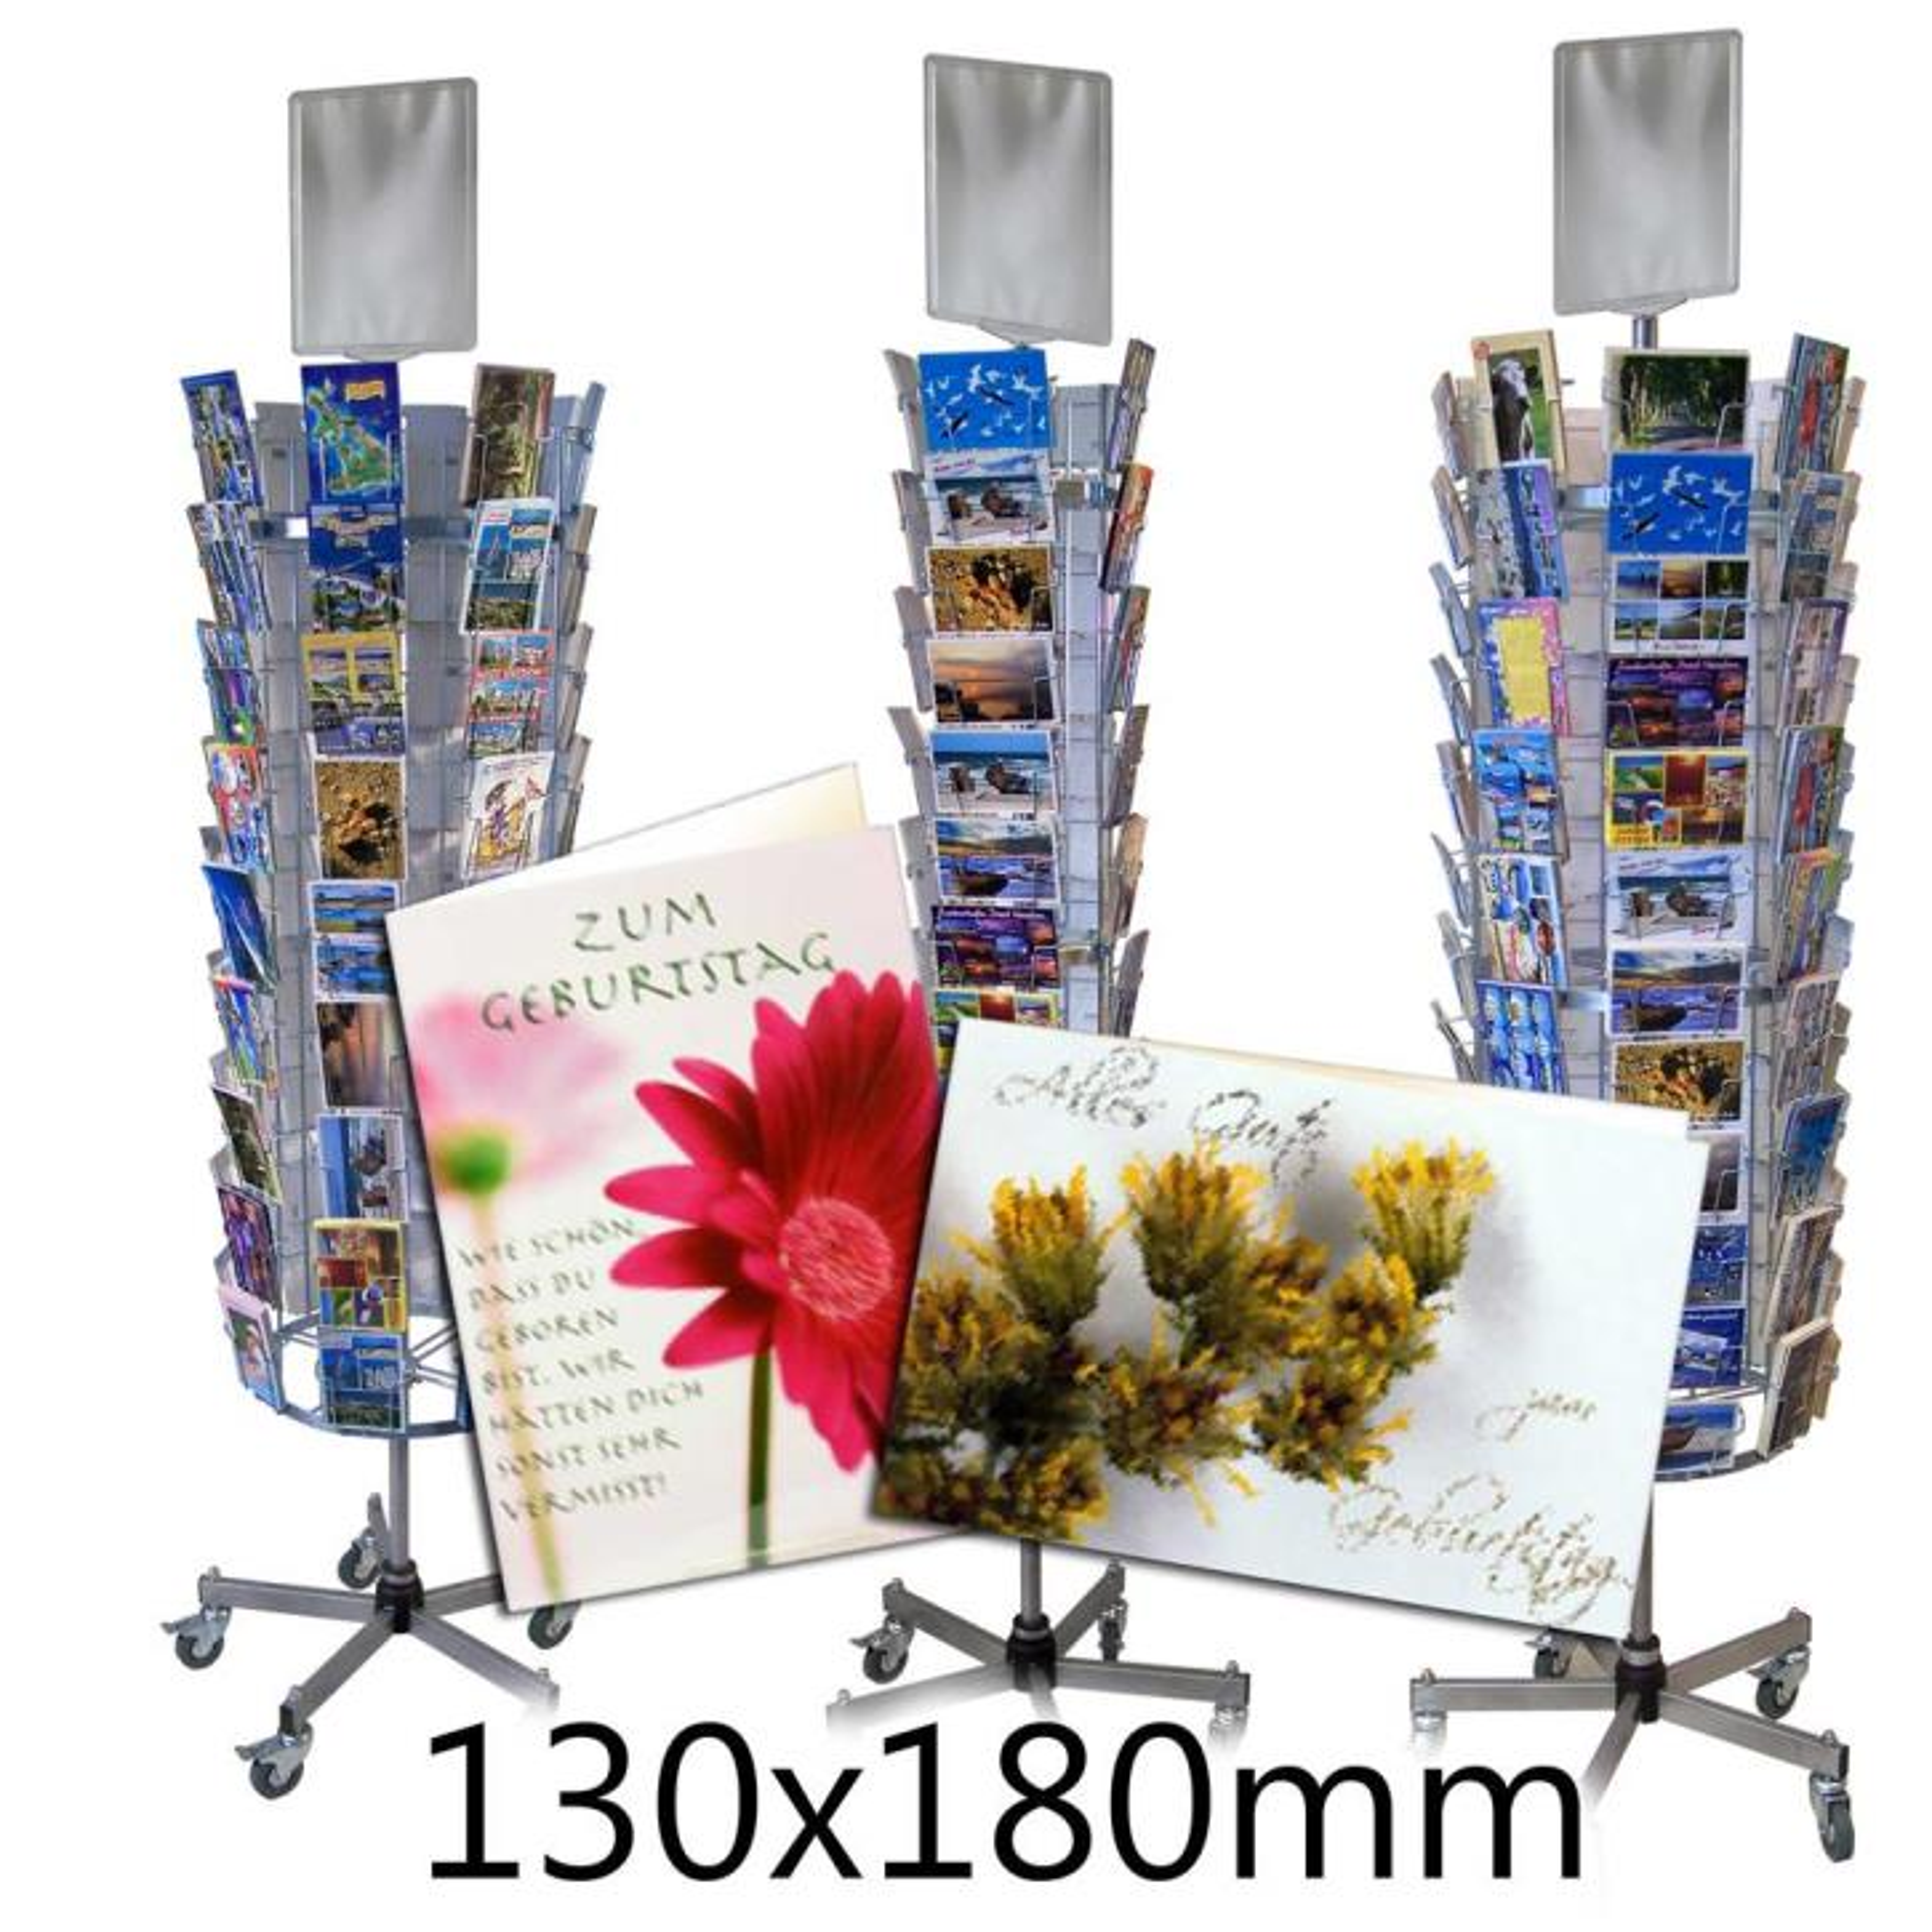 Kartenständer für Grußkarten B6 bis 130x180mm